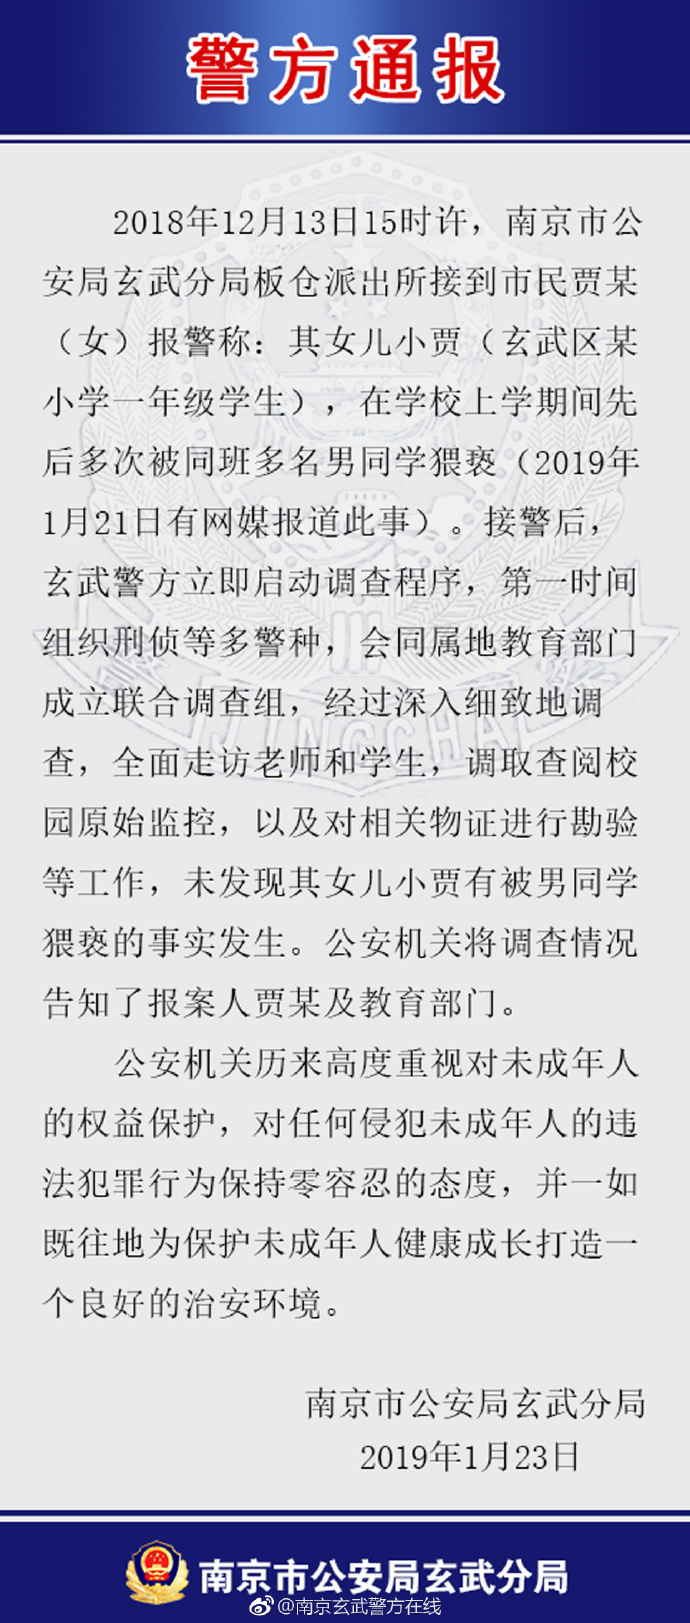 南京一女童称被同班多名男同学猥亵 警方通报:未发现猥亵事实